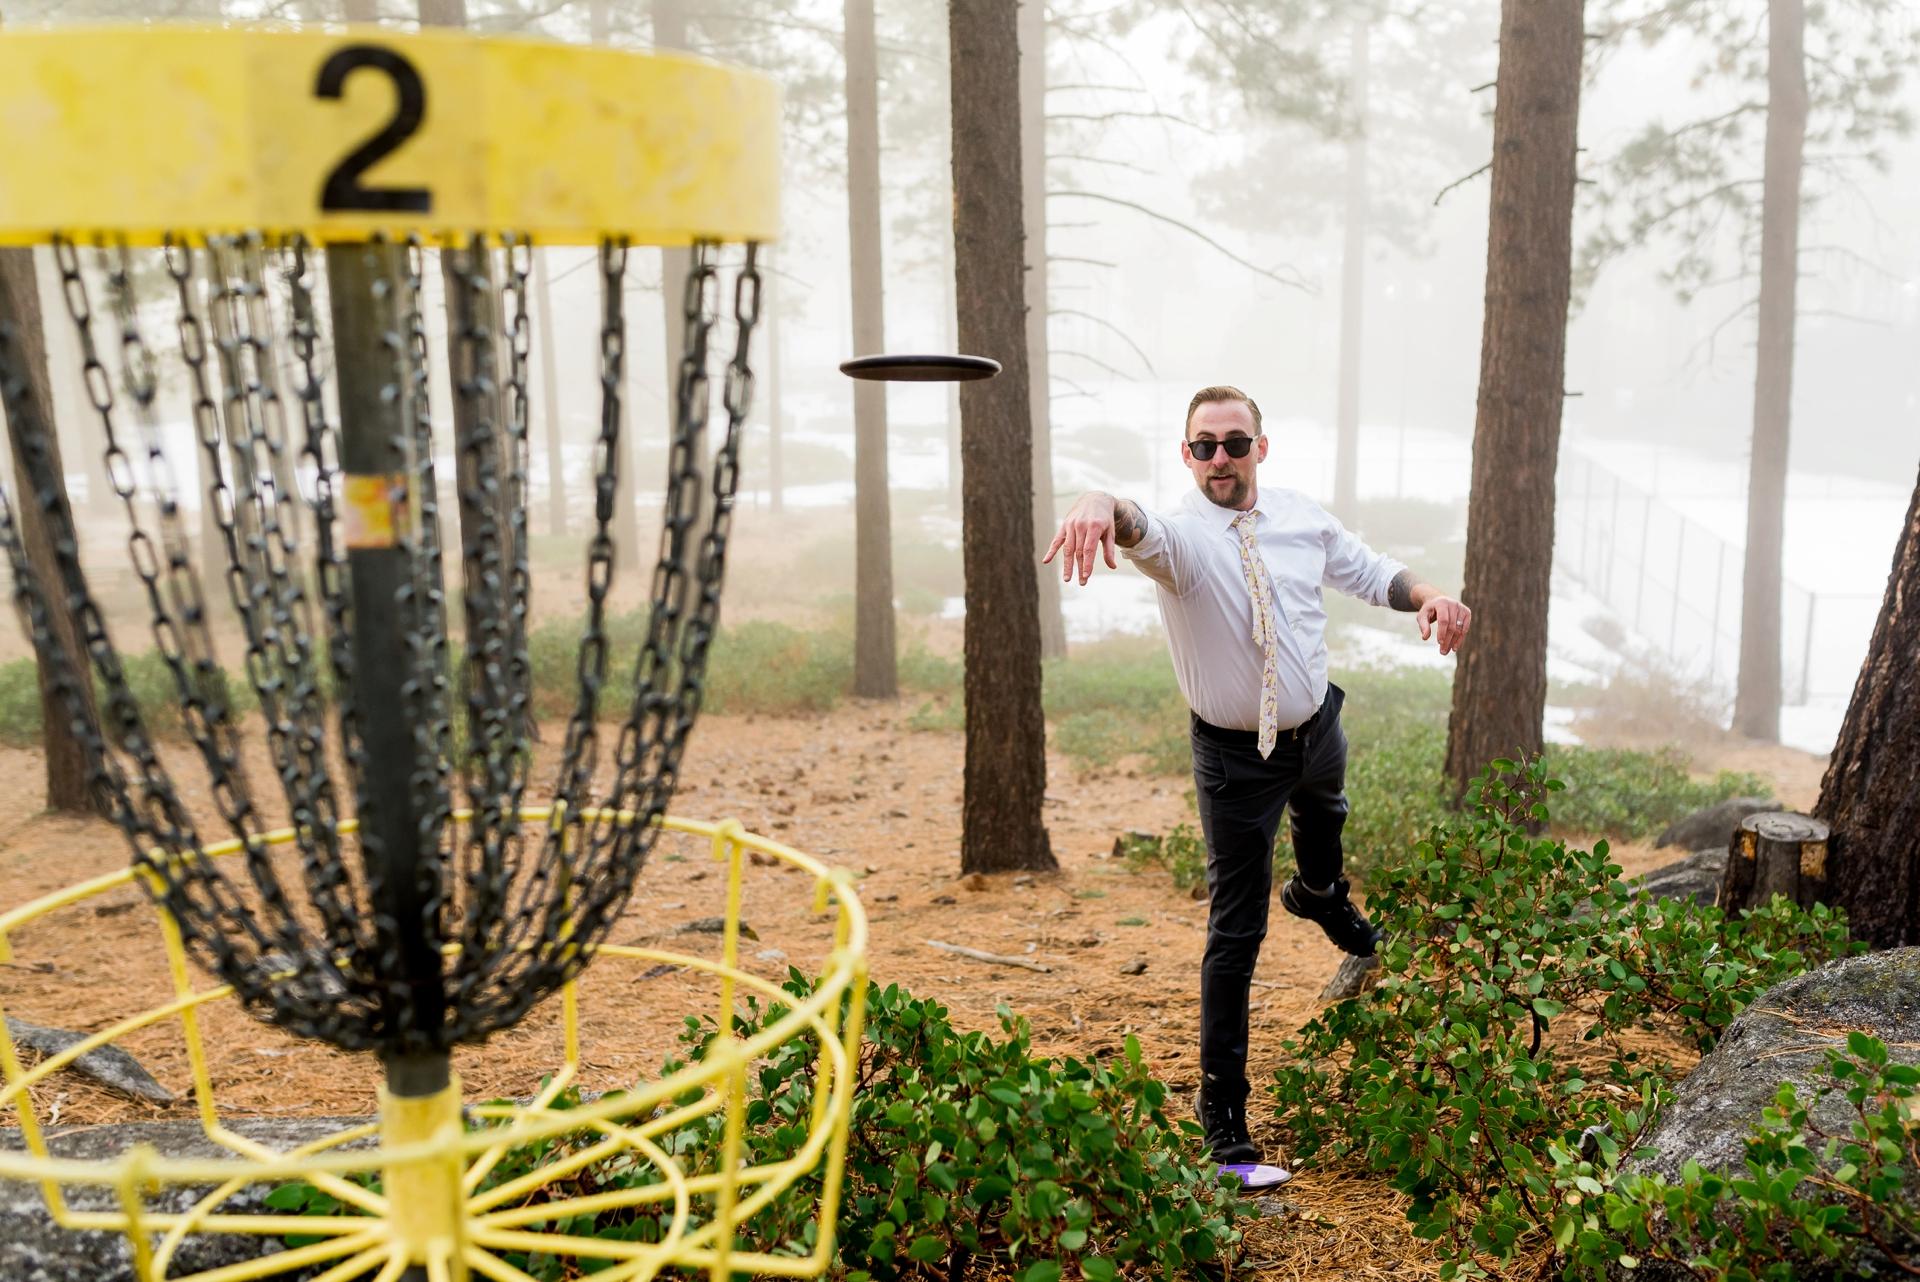 Nevada Elopement Photo - Le marié lance un golf à disque vers le panier.